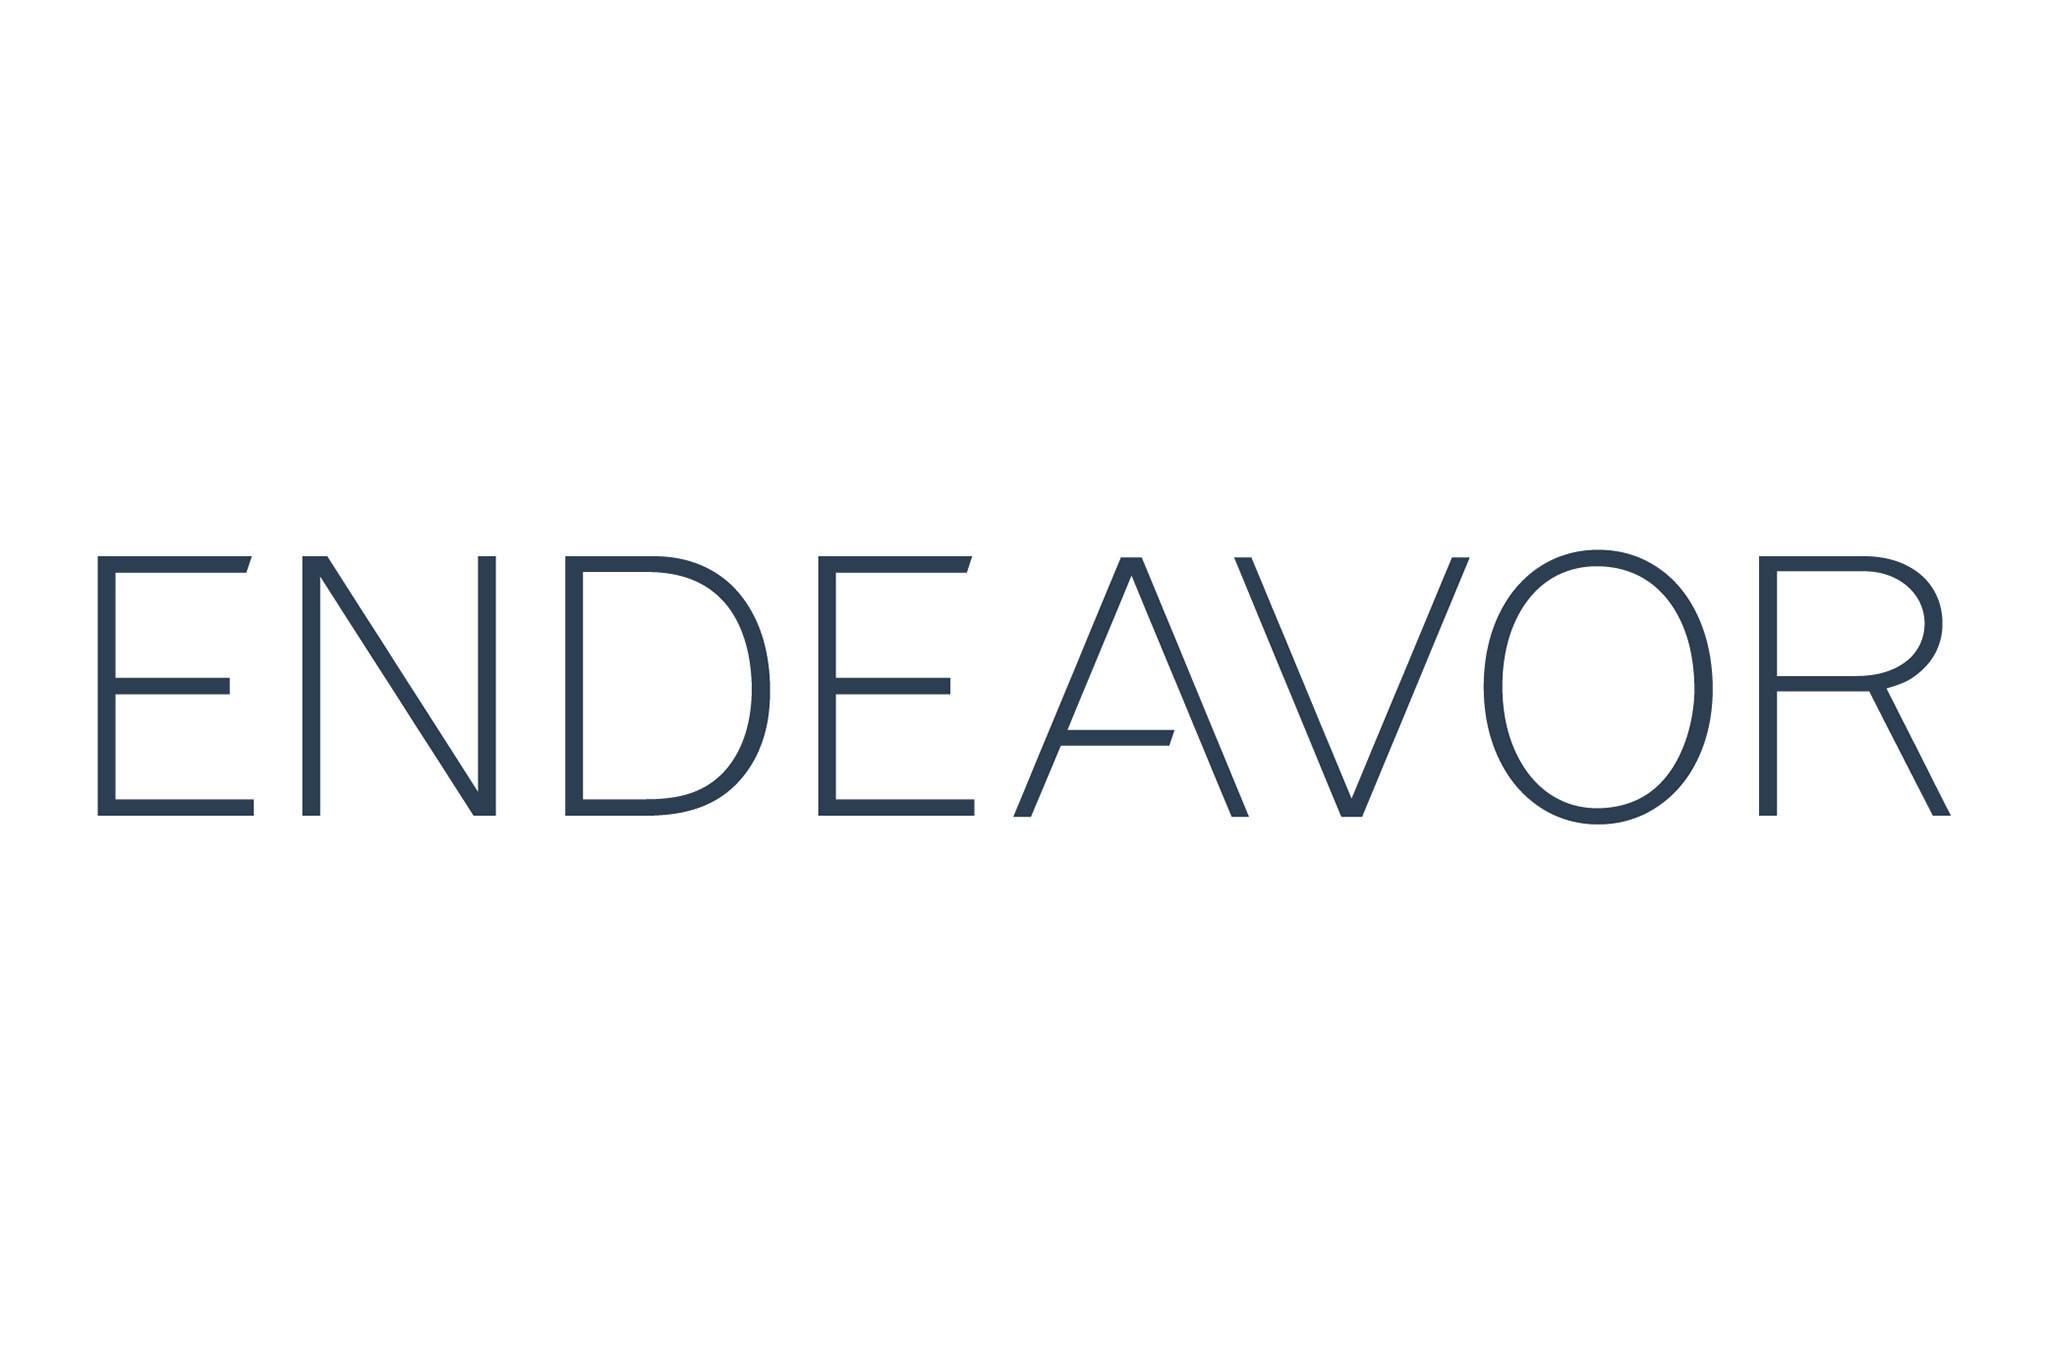 endeavor-logo-charcoal1.jpg